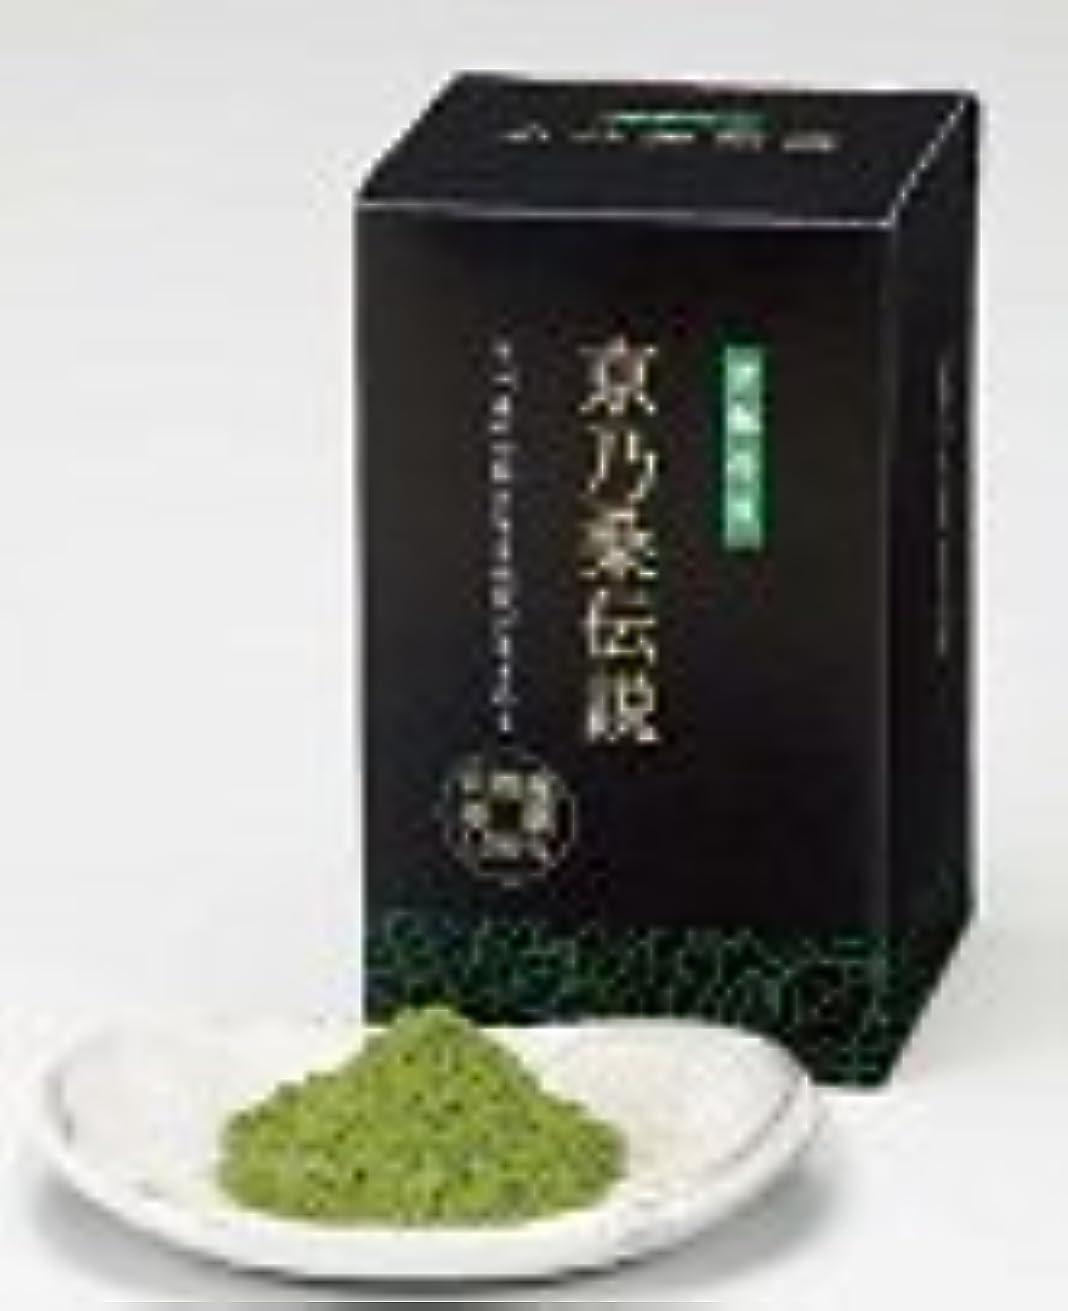 ボイラー干ばつ補充京乃桑伝説(桑の葉粉茶、青汁)30袋入り 3箱まとめ買い